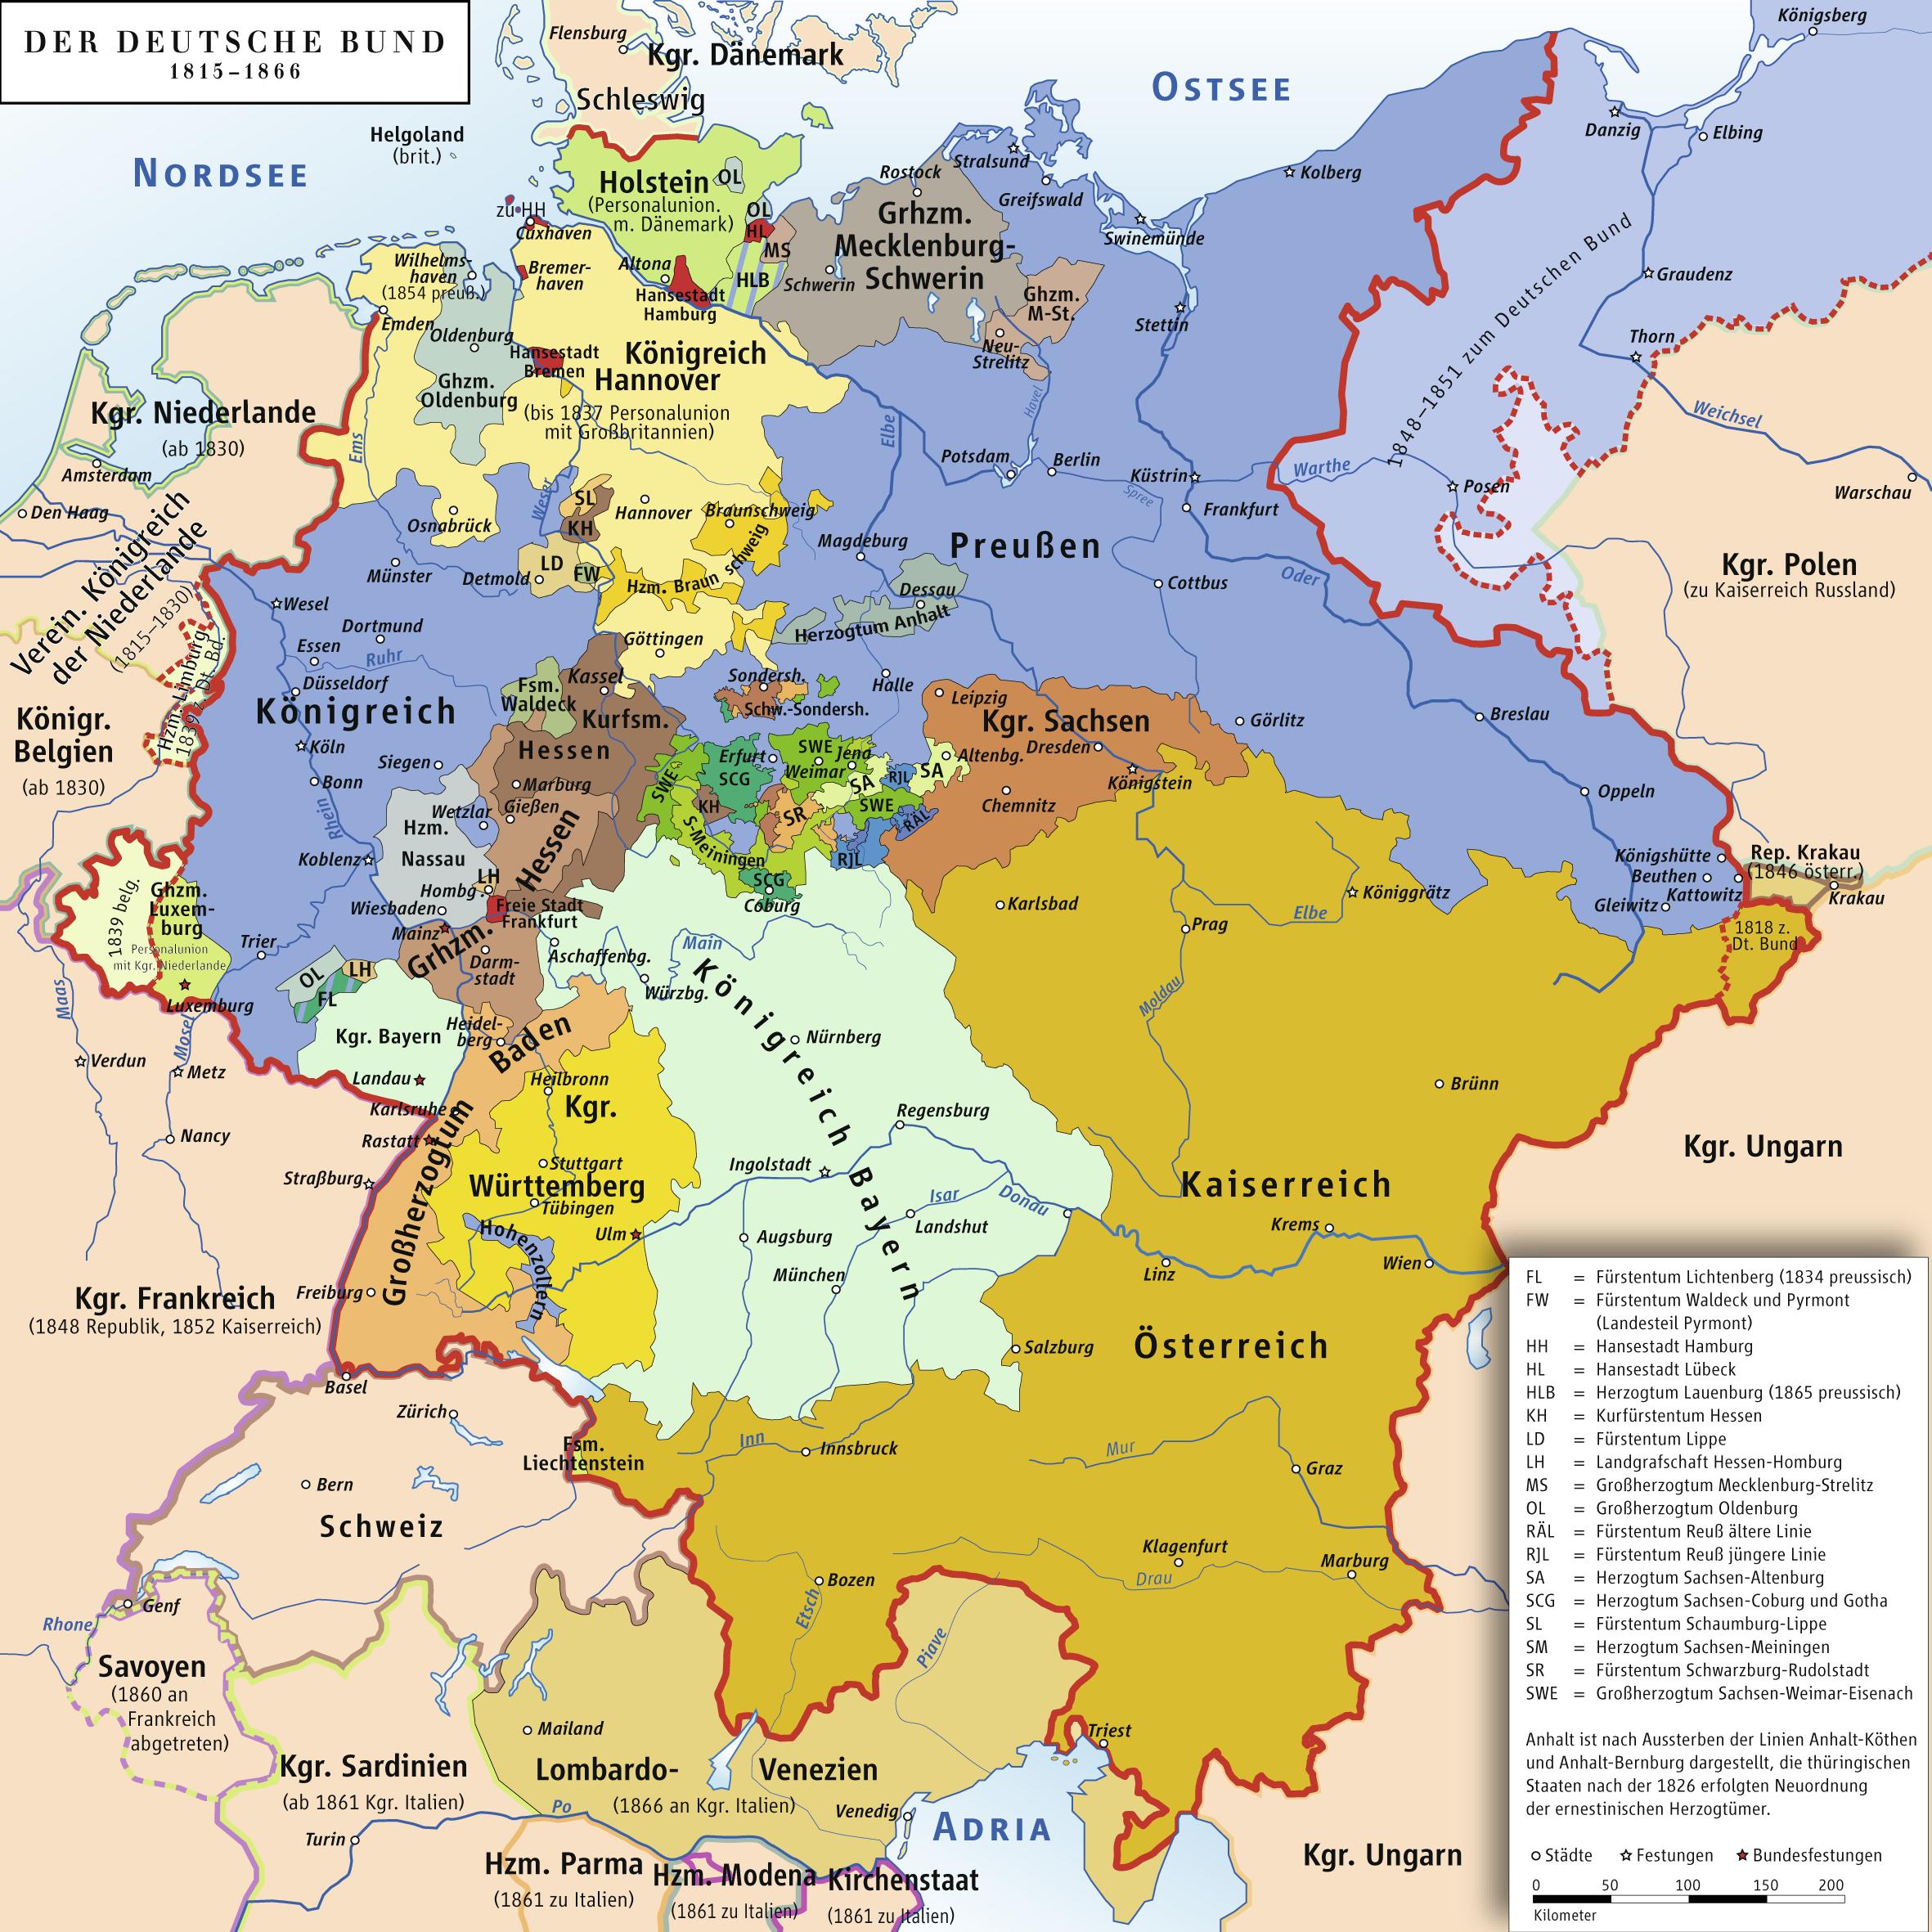 landkarte deutschland 1848 Atlas of Germany   Wikimedia Commons